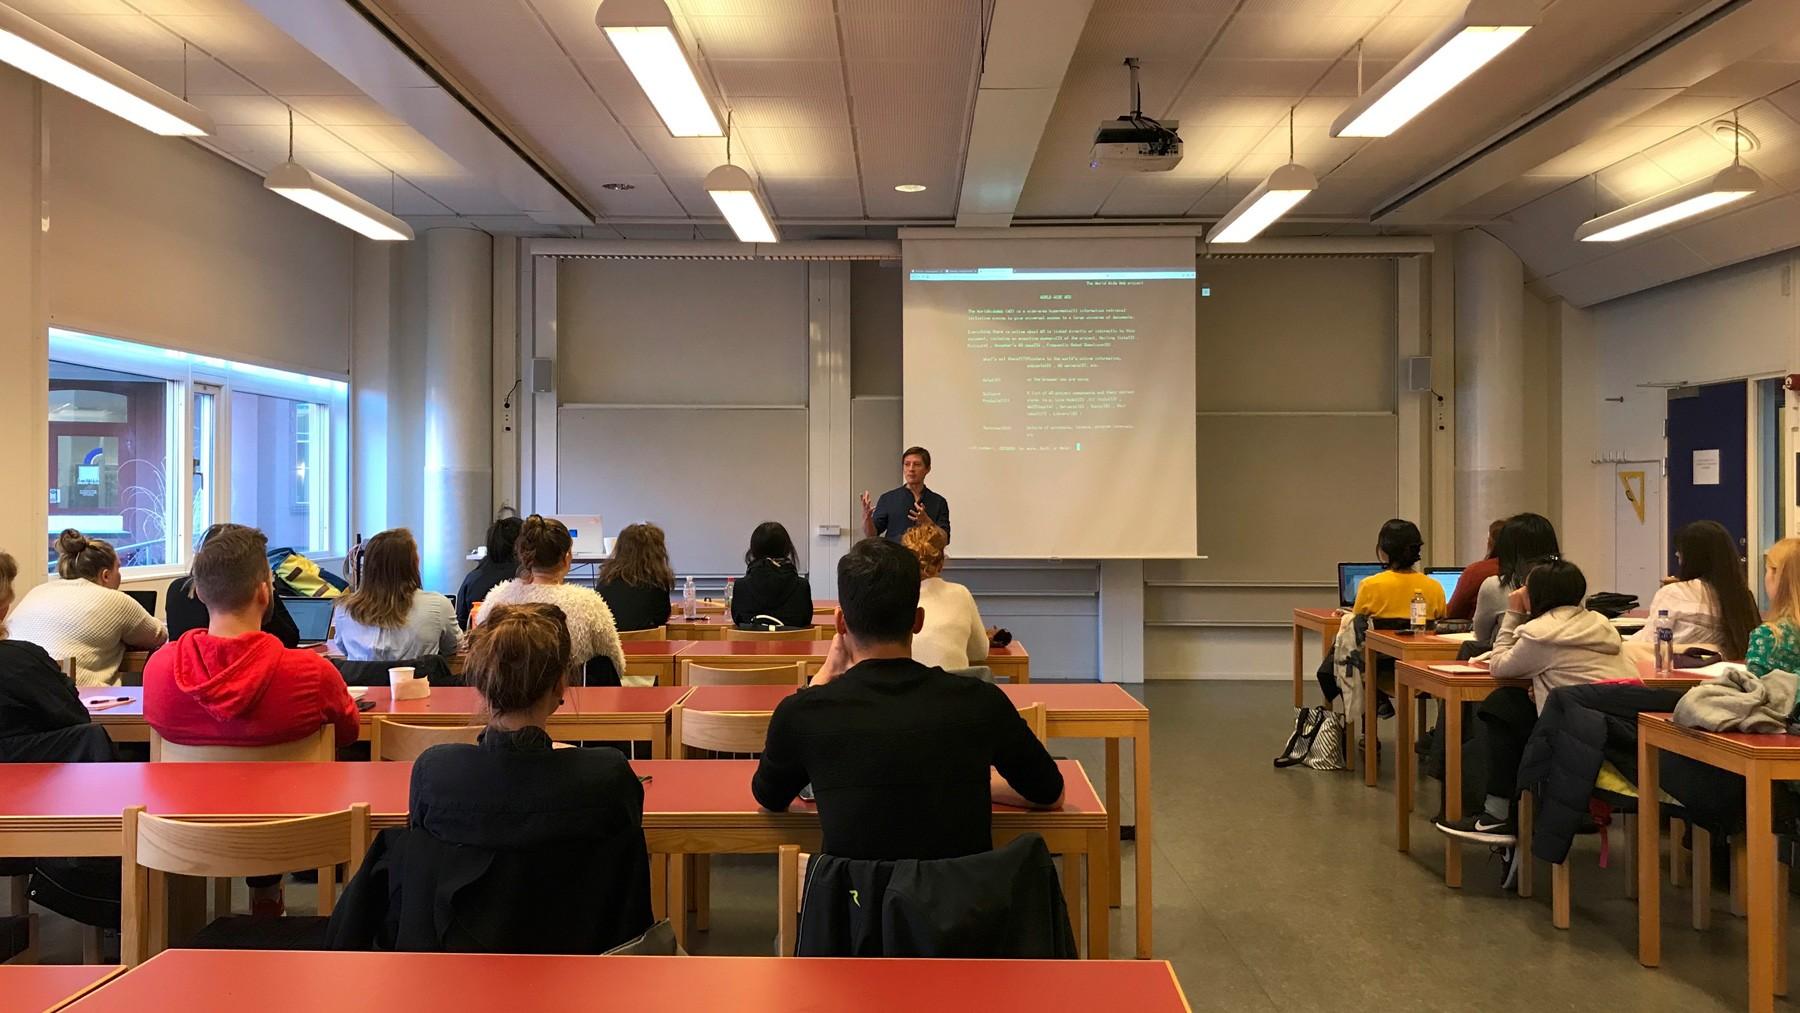 Godt i gang med et oplæg på Jönköping Universitet